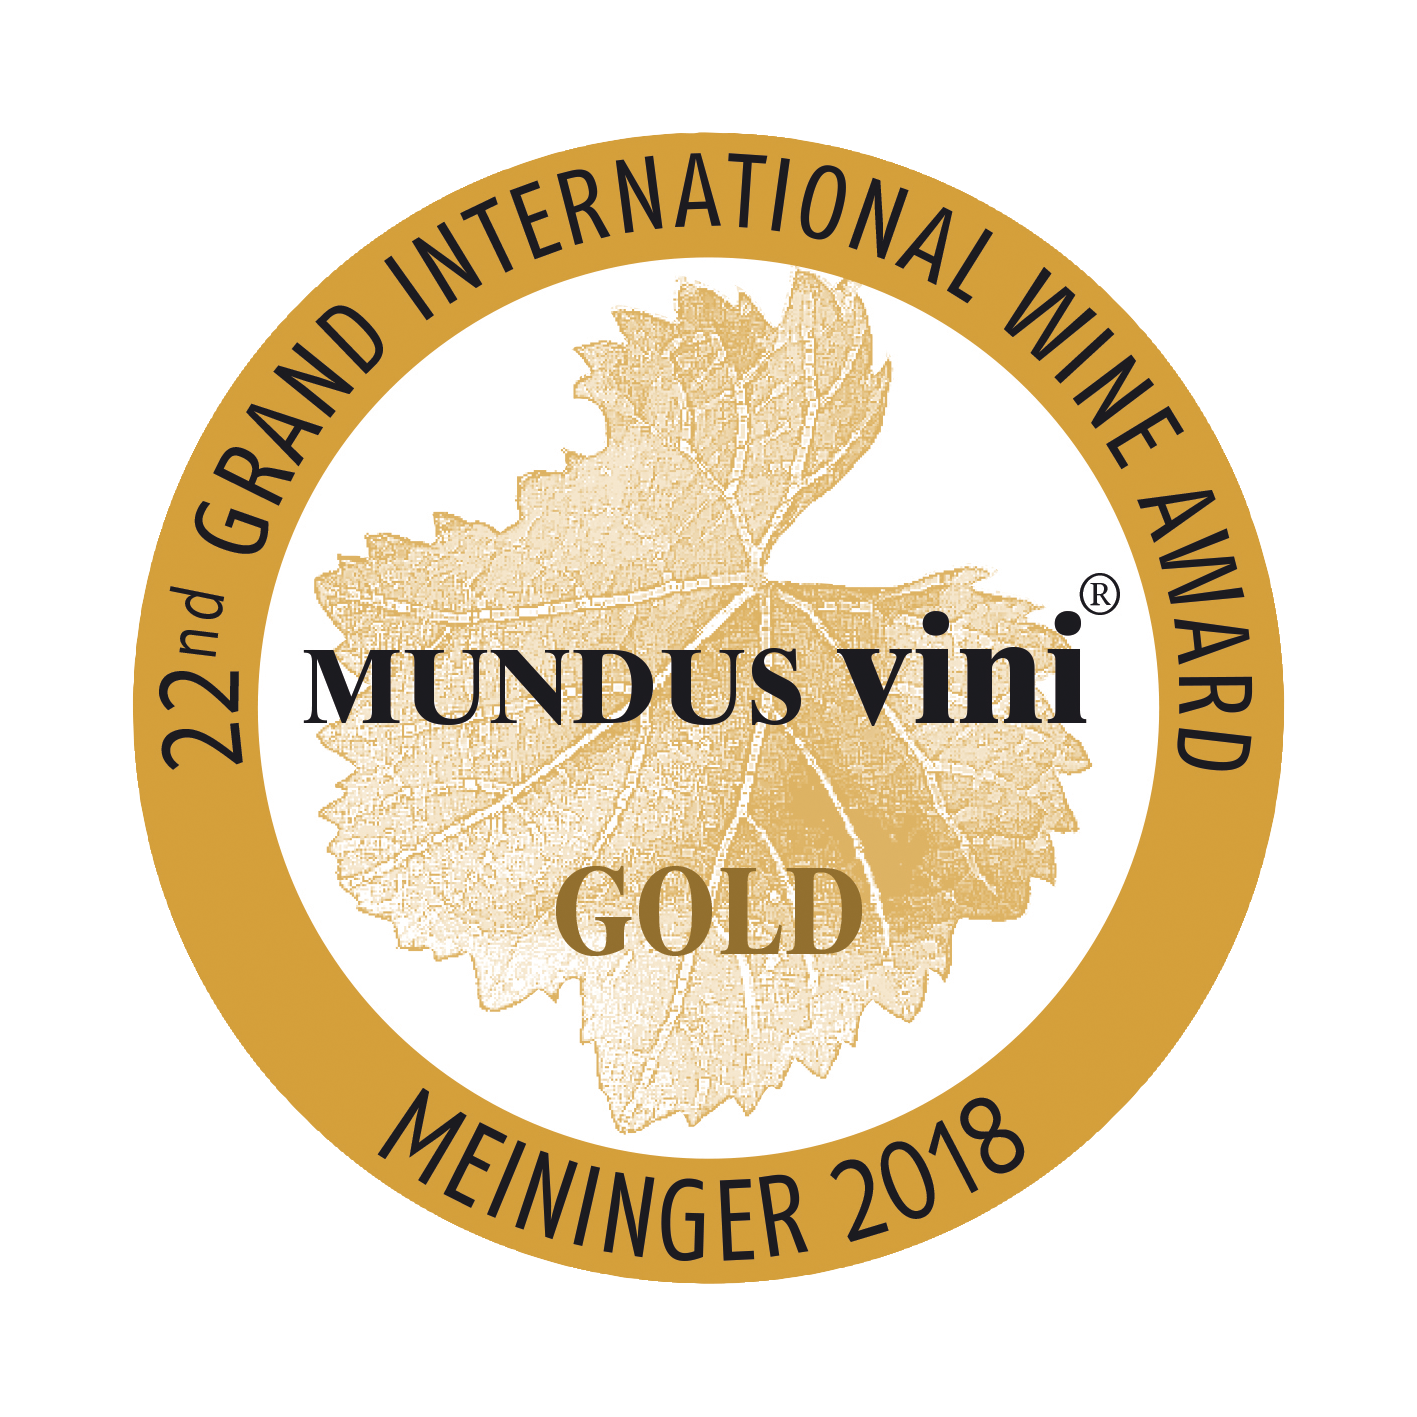 Mundus Vini Gold 2018